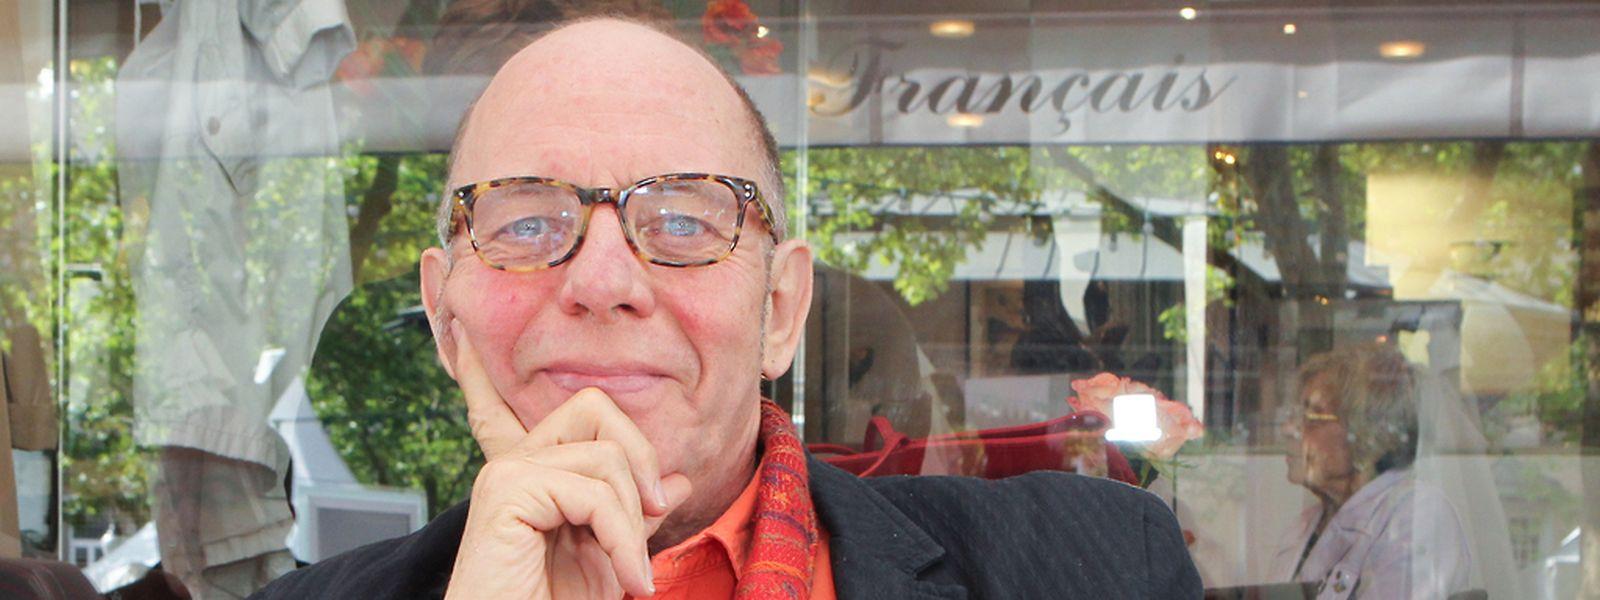 Pierre Joris kommt immer wieder gerne nach Luxemburg zurück.